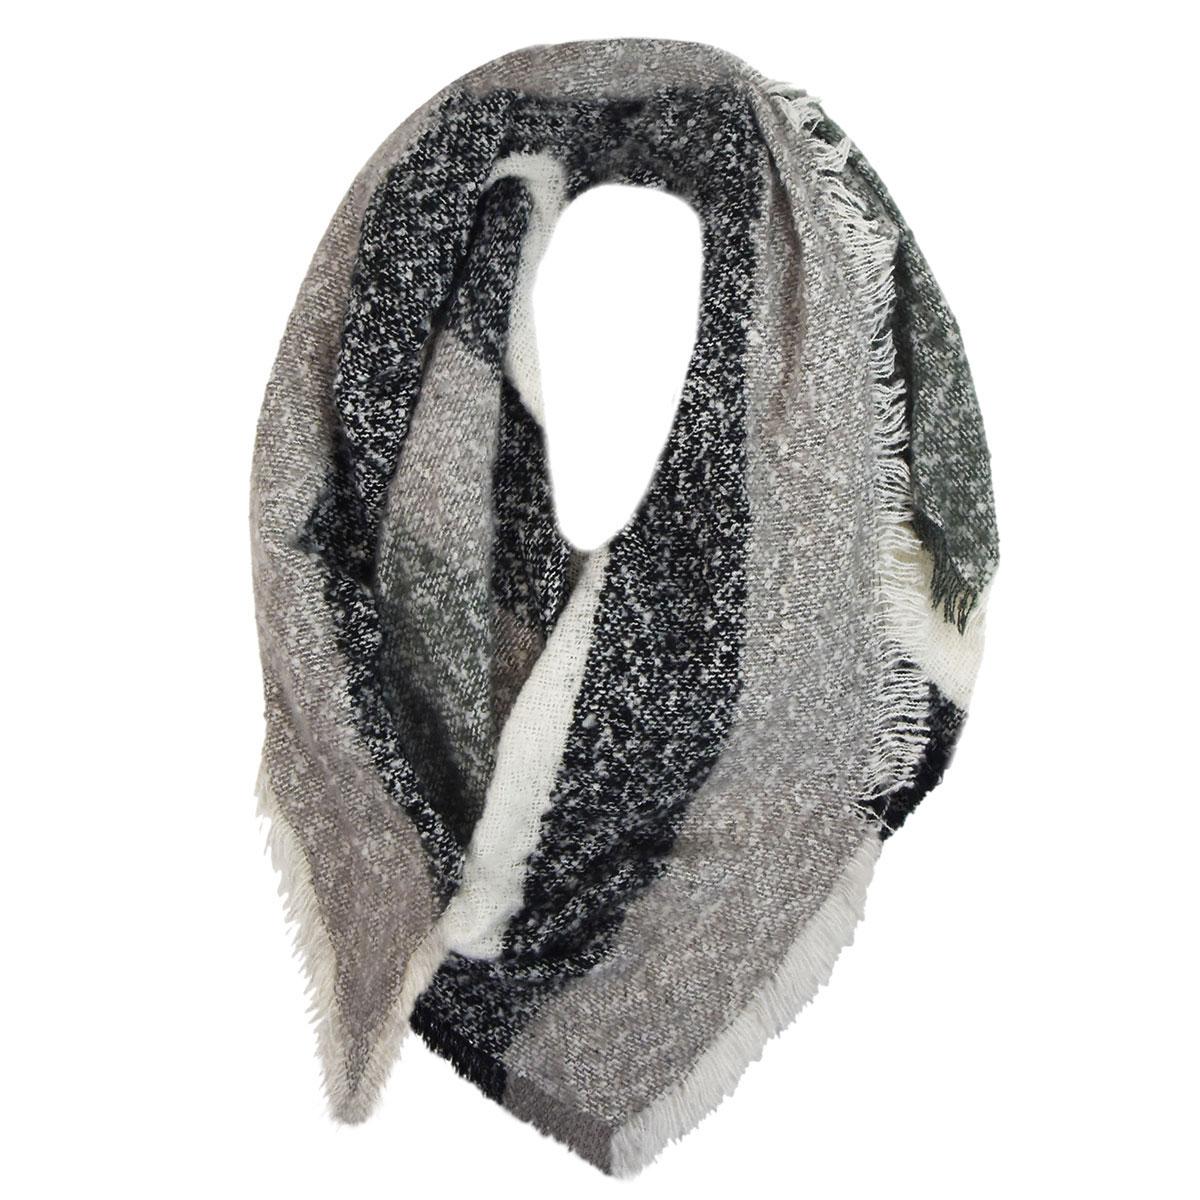 Capelli / GMA Accessories Black Multi Boucle Blanket Scarf in Black Combo